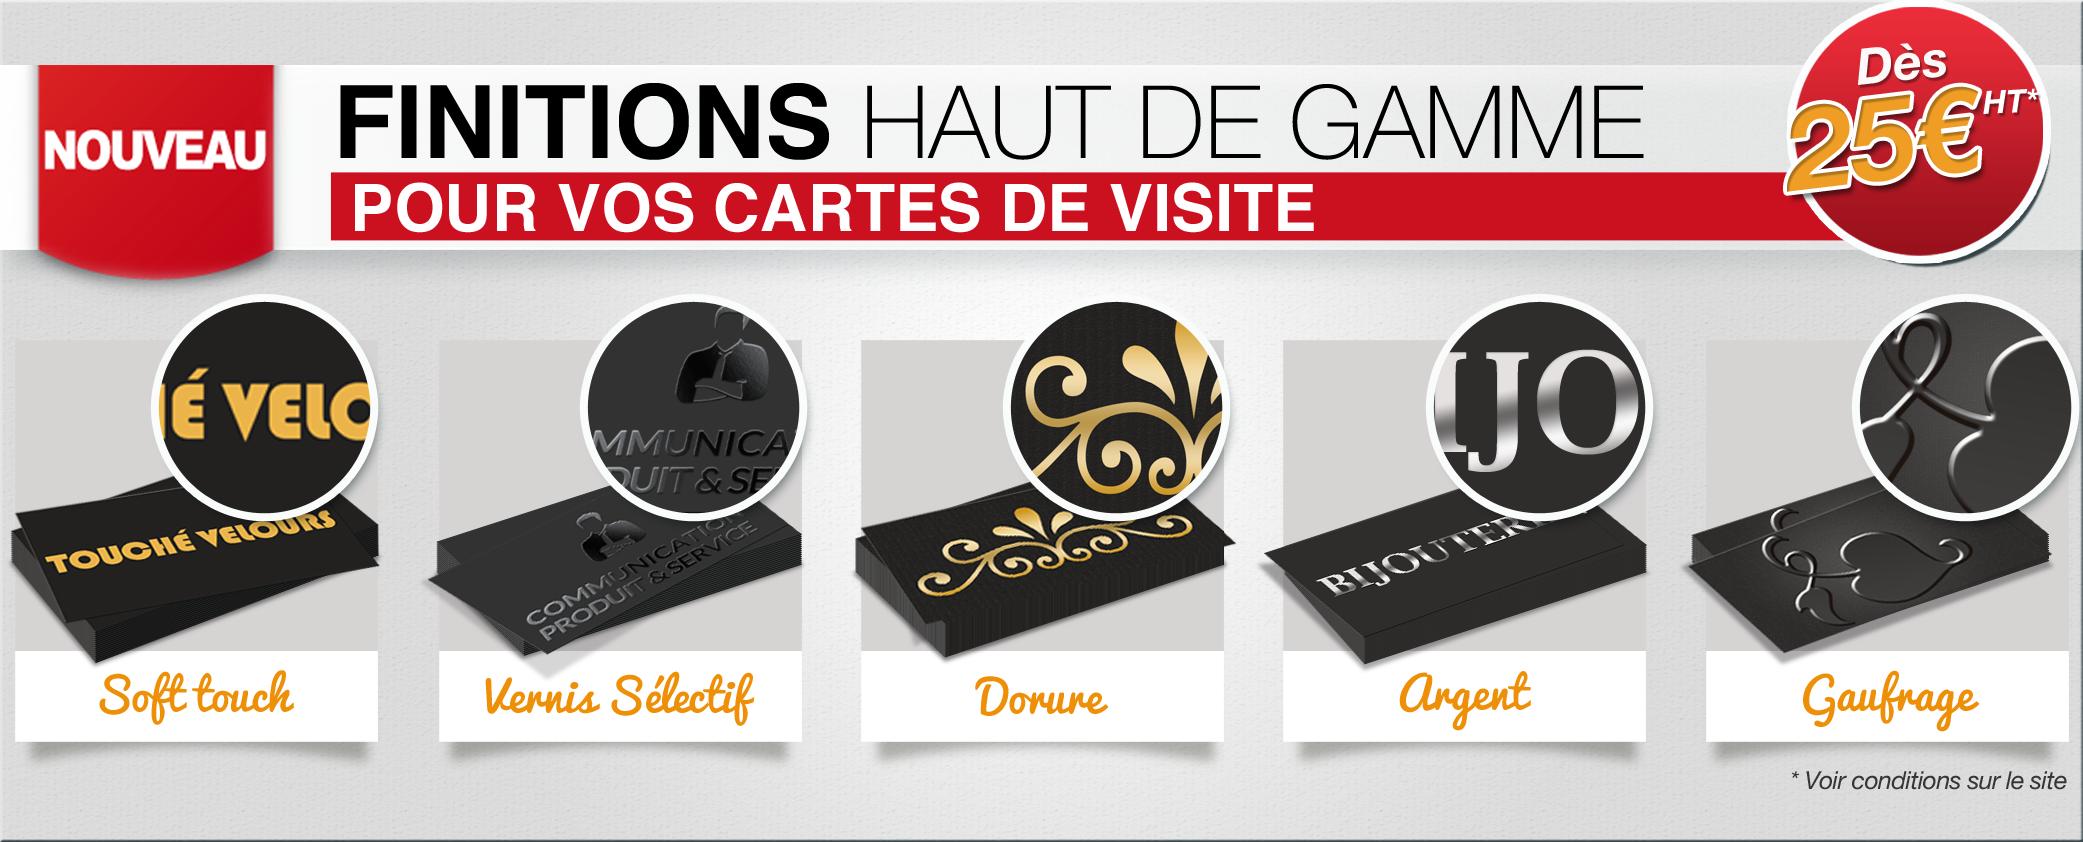 Impression Cartes De Visite Finitions Haut Gamme Nouveau Chez PrintPasCher